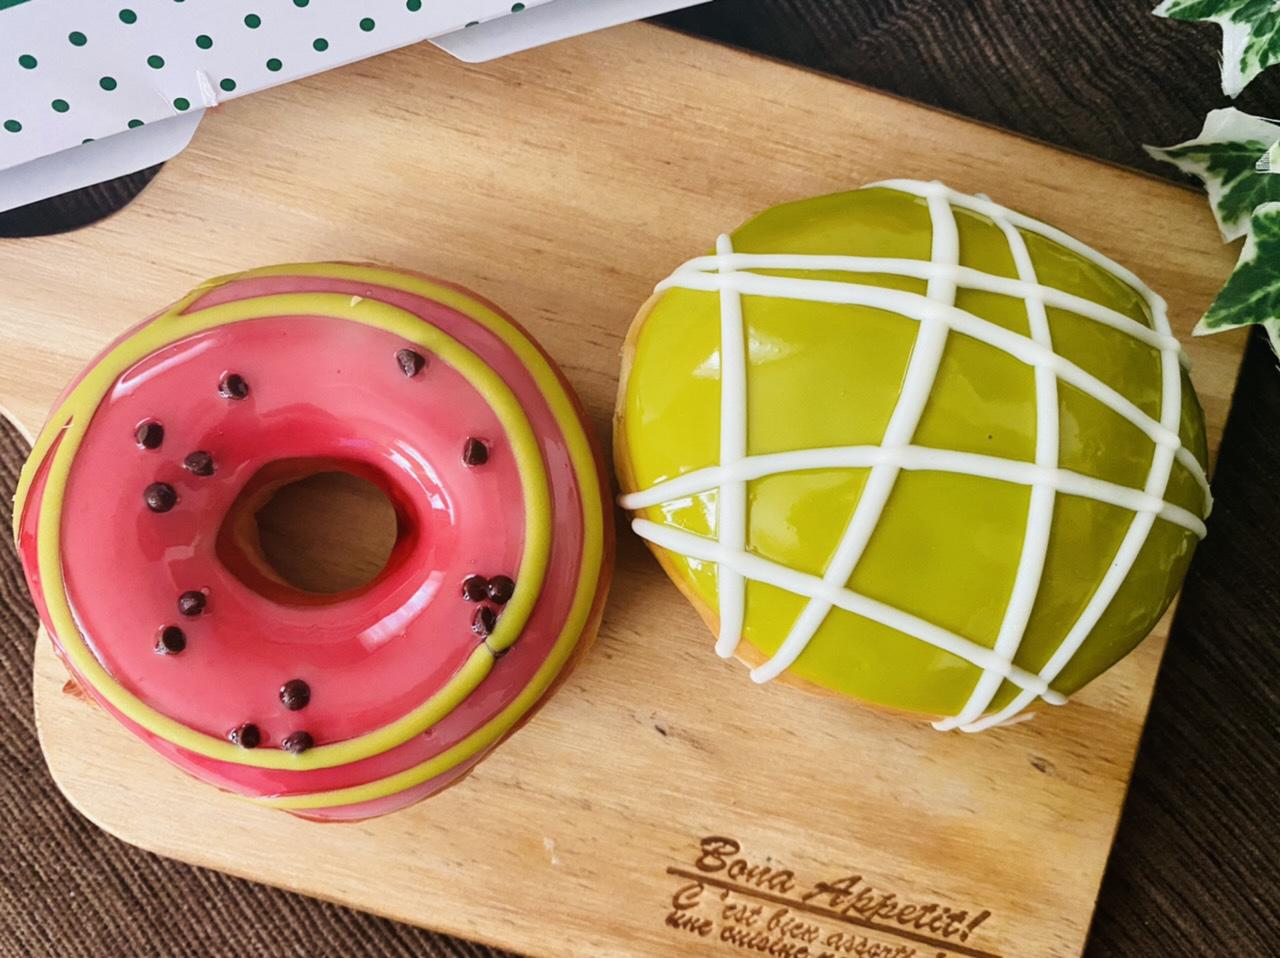 【クリスピー・クリーム・ドーナツ】まるでスイカとメロン♡初夏限定ドーナツが可愛すぎる!_6